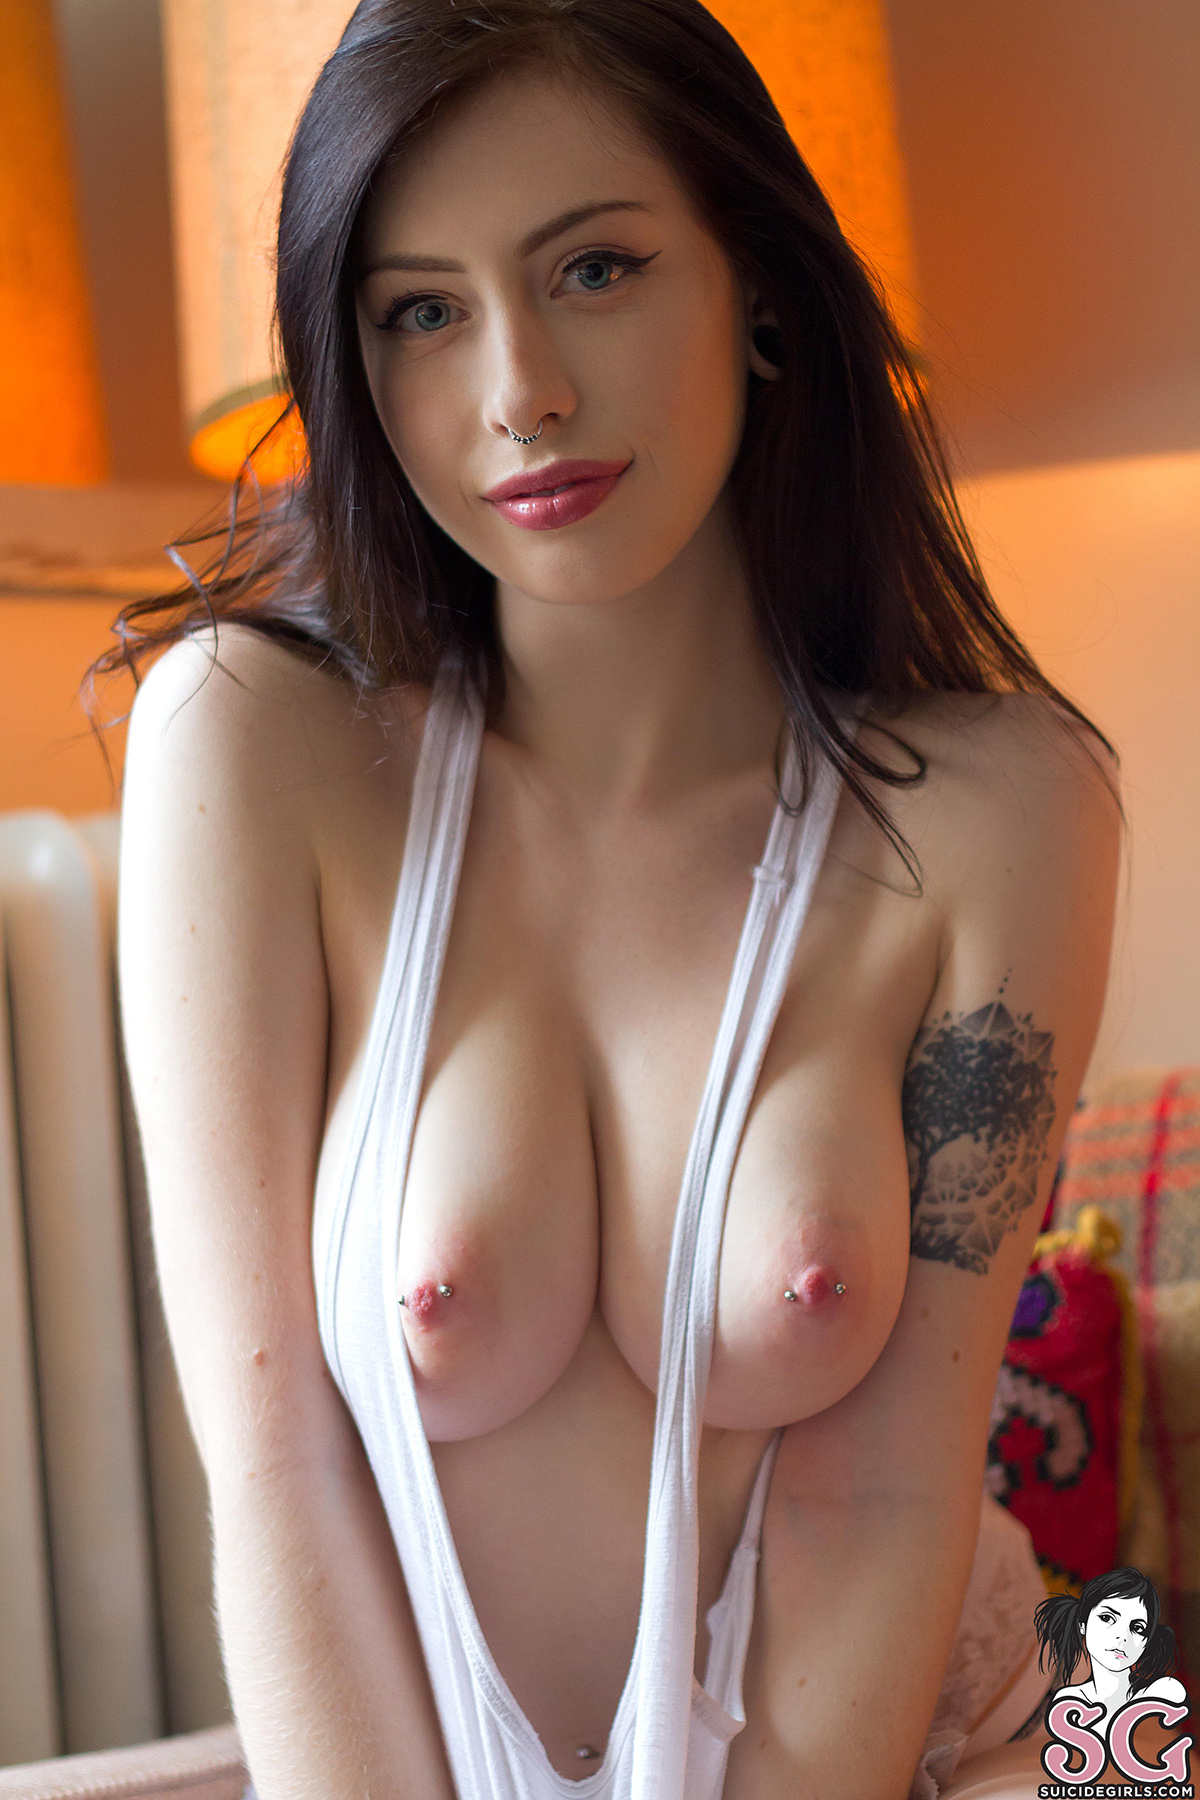 【乳首エロ画像】美乳だと勿体ない…見事に貫通済みのピアッシング乳(;゚∀゚)=3